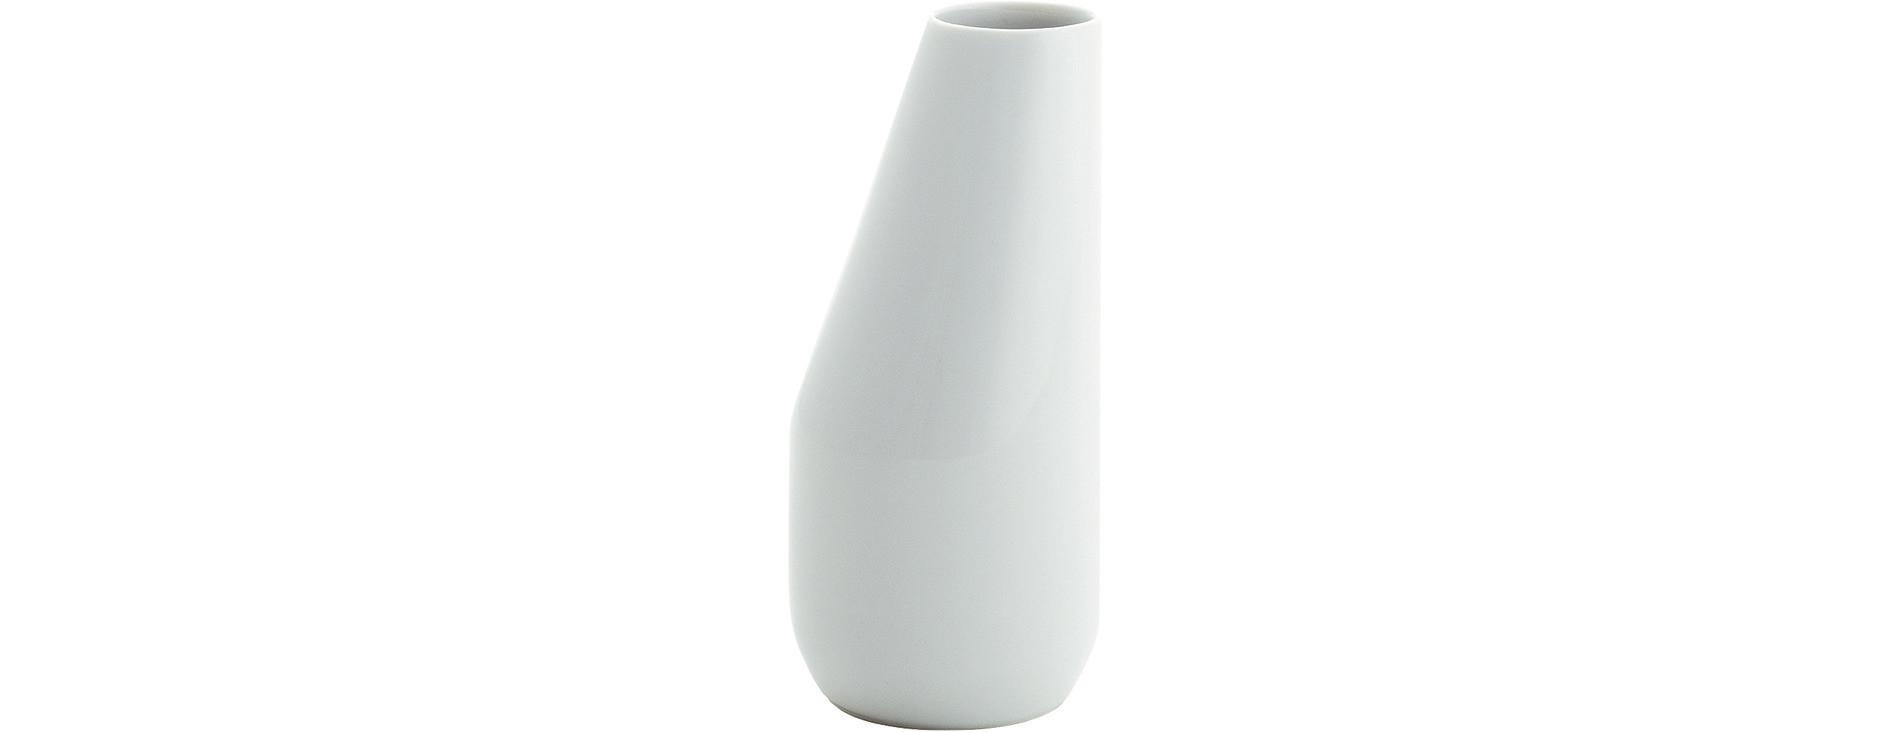 Elixyr, Vase ø 132 x 34 mm / 0,20 l